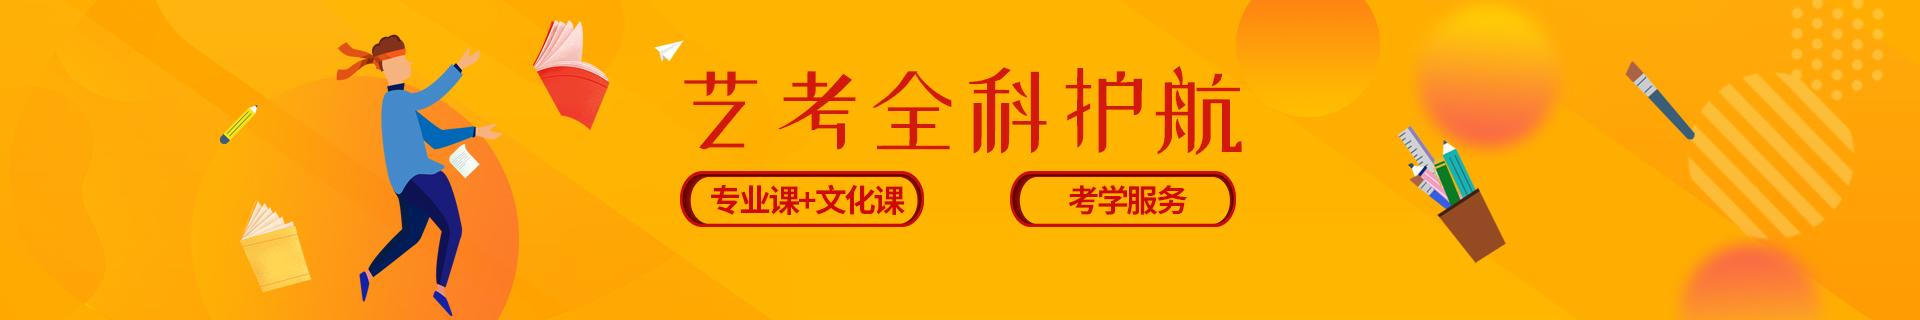 重庆南岸区英豪优教